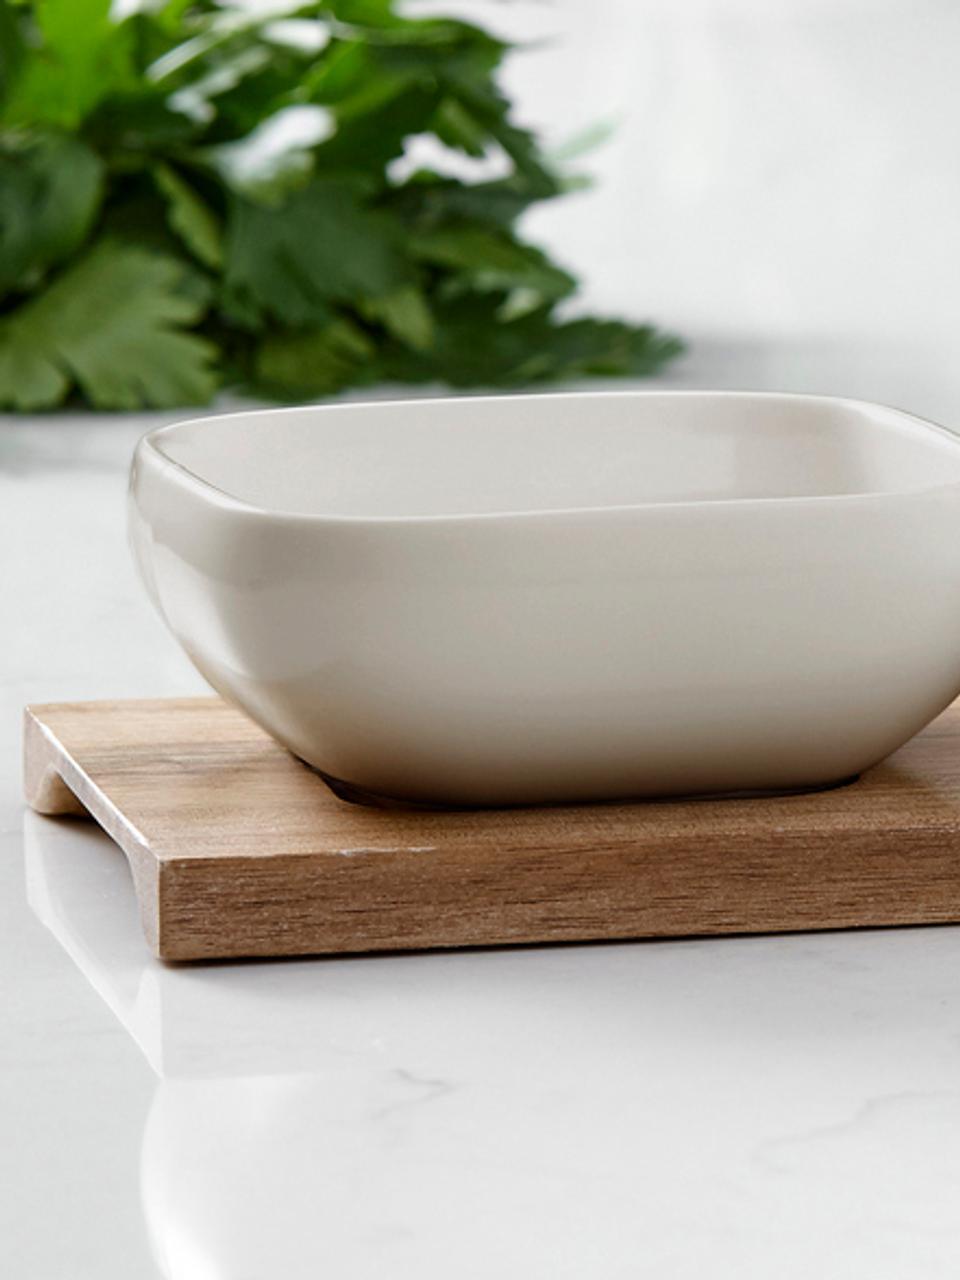 Dipschälchen Essentials aus Porzellan und Akazienholz, 4er-Set, Schälchen: Porzellan, Tablett: Akazienholz, Beige, Akazienholz, Sondergrößen